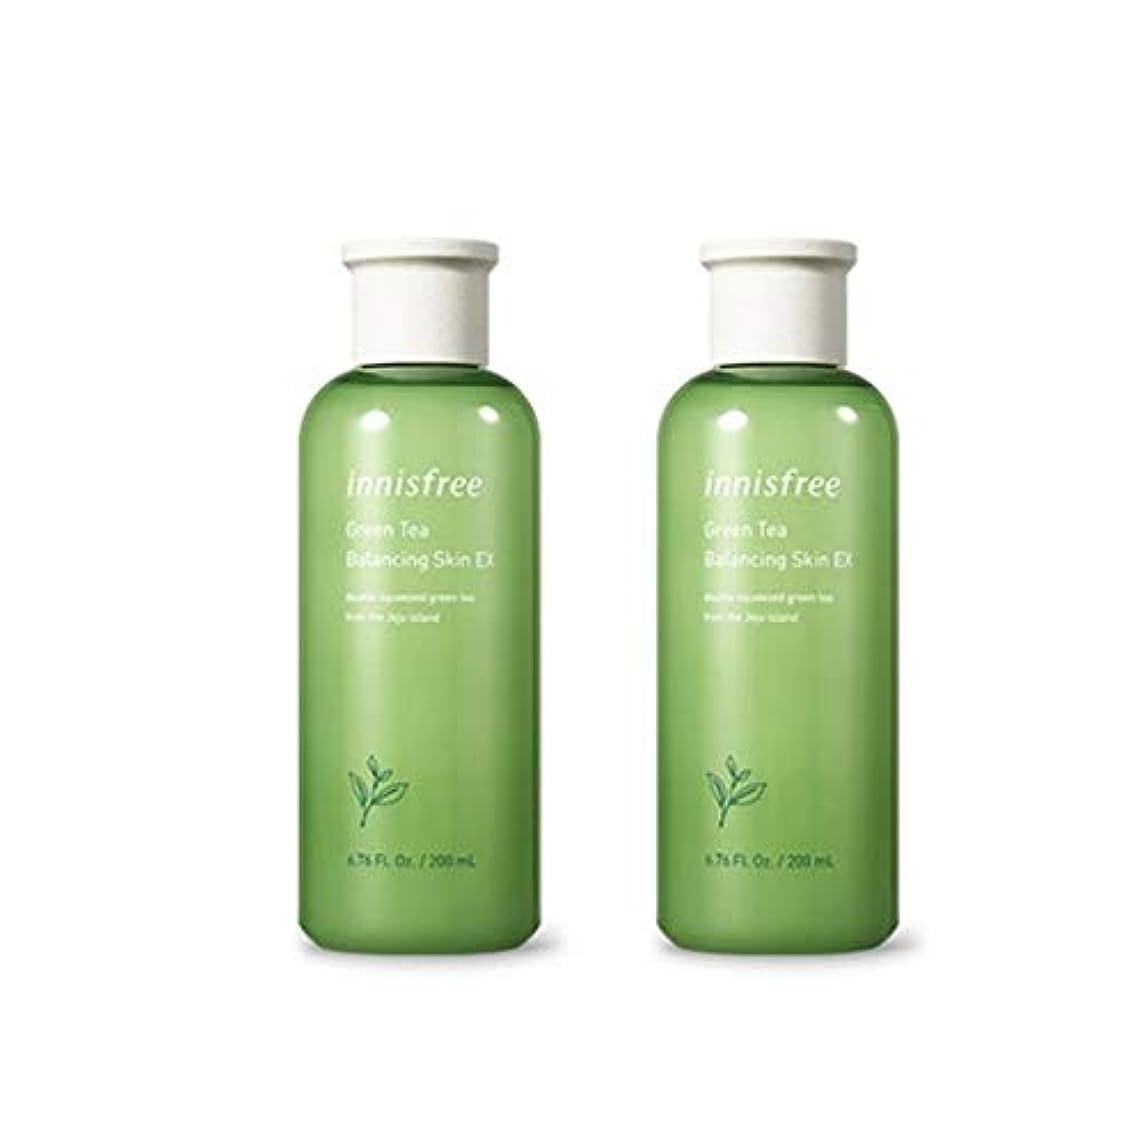 冬コメンテーター一般化するイニスフリーグリーンティーバランシングスキンEX 200mlx2本セット韓国コスメ、innisfree Green Tea Balancing Skin EX 200ml x 2ea Set Korean Cosmetics...